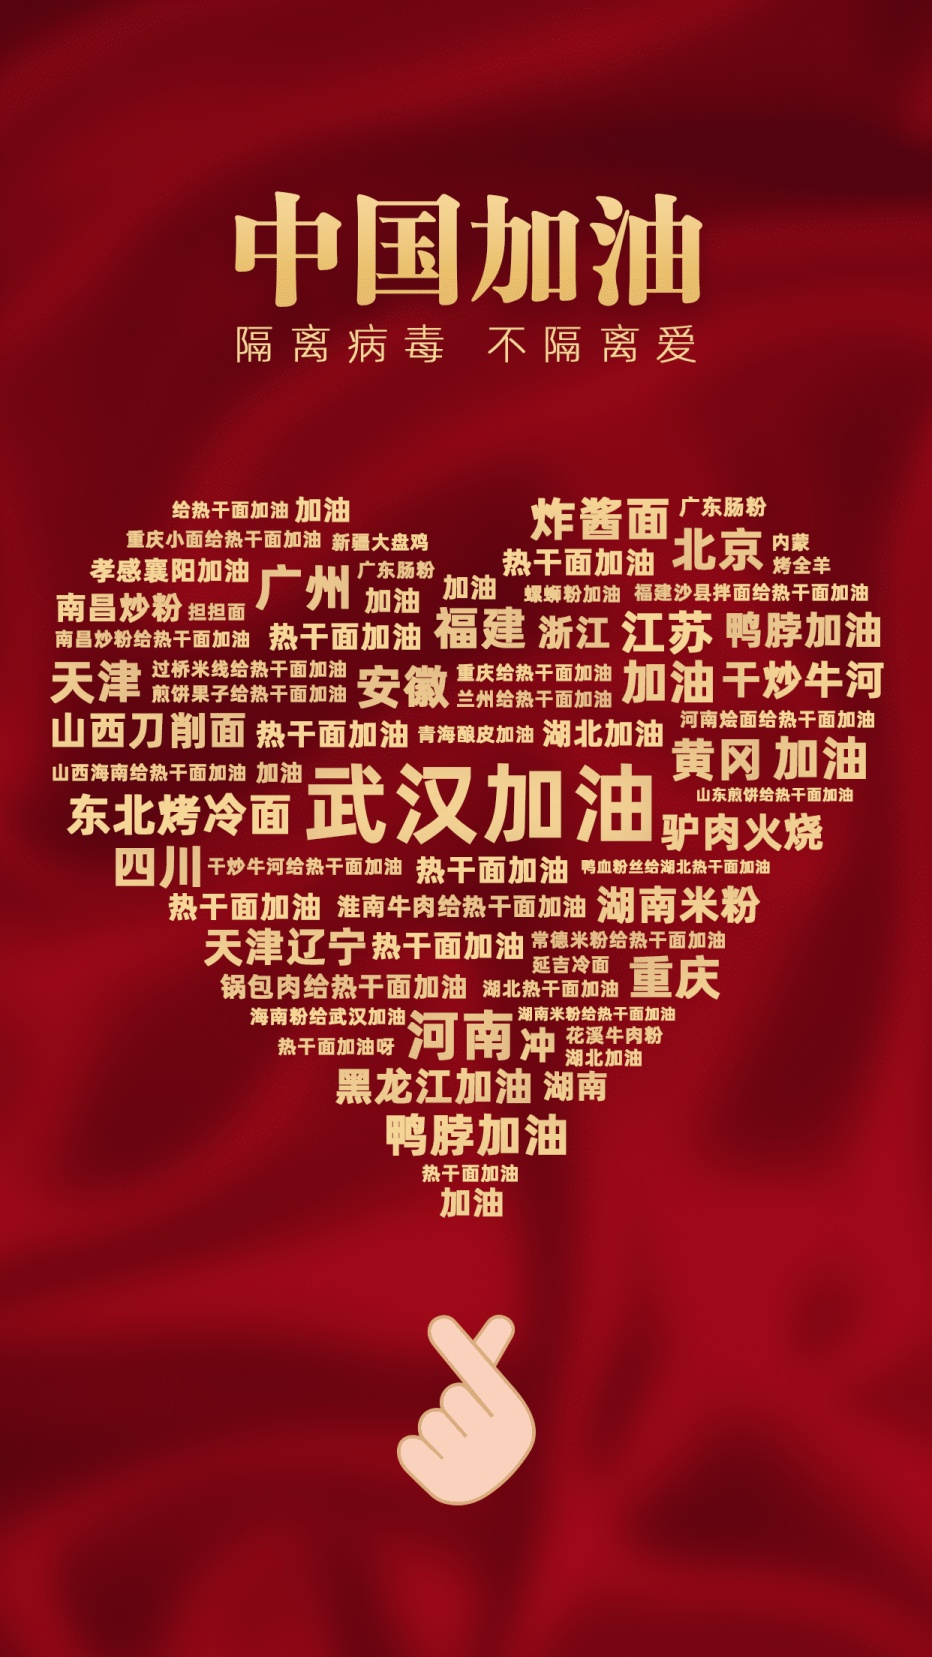 武汉加油走心防疫海报